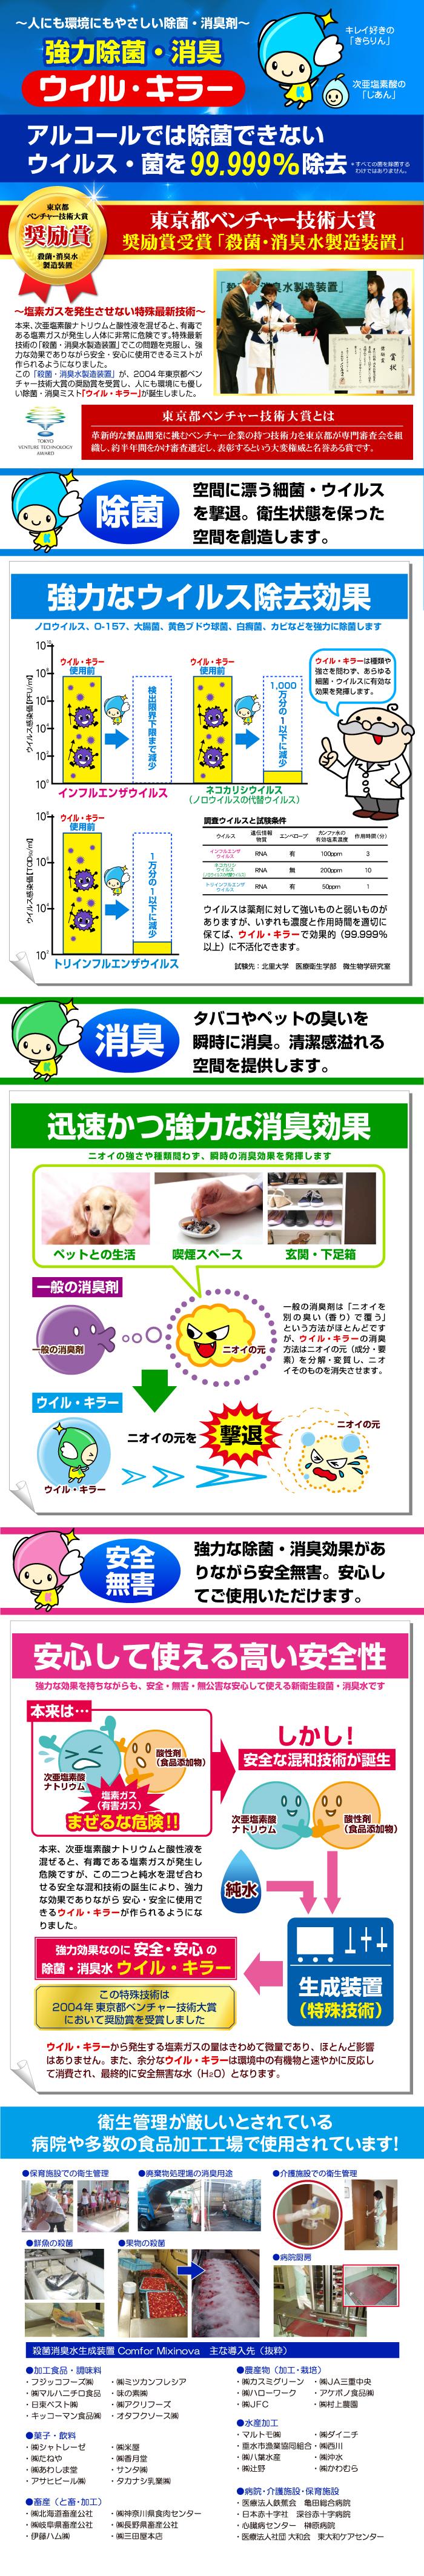 ウイルス対策商品